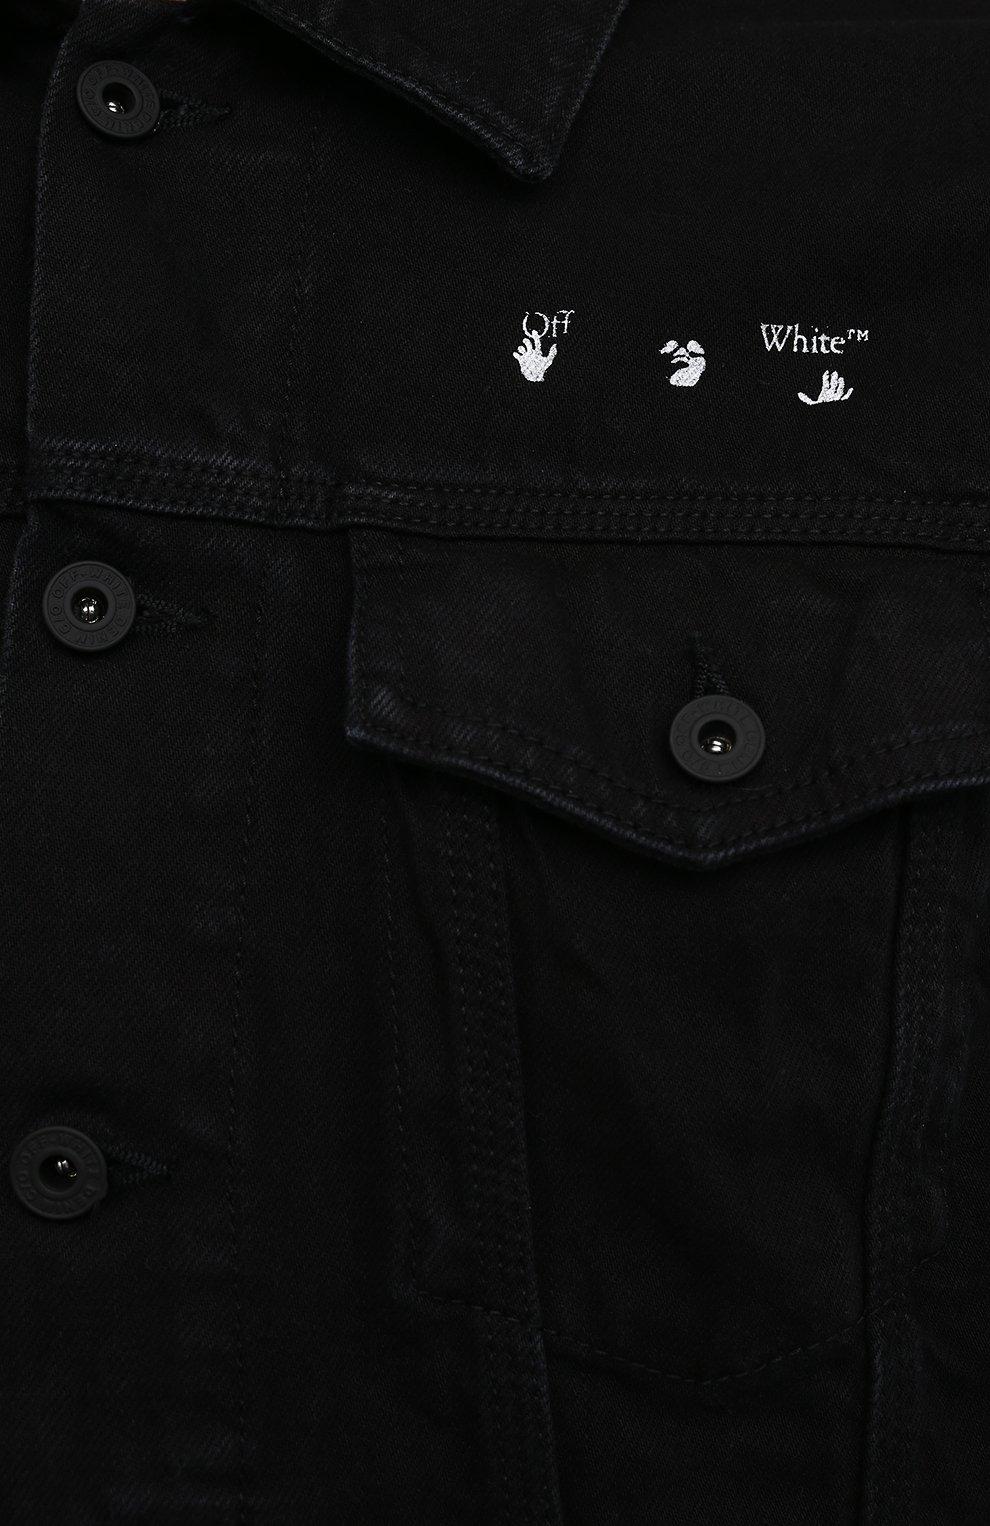 Мужская джинсовая куртка OFF-WHITE черного цвета, арт. 0MYE054S21DEN001   Фото 5 (Кросс-КТ: Куртка, Деним; Рукава: Длинные; Материал внешний: Хлопок; Стили: Спорт-шик; Длина (верхняя одежда): Короткие)